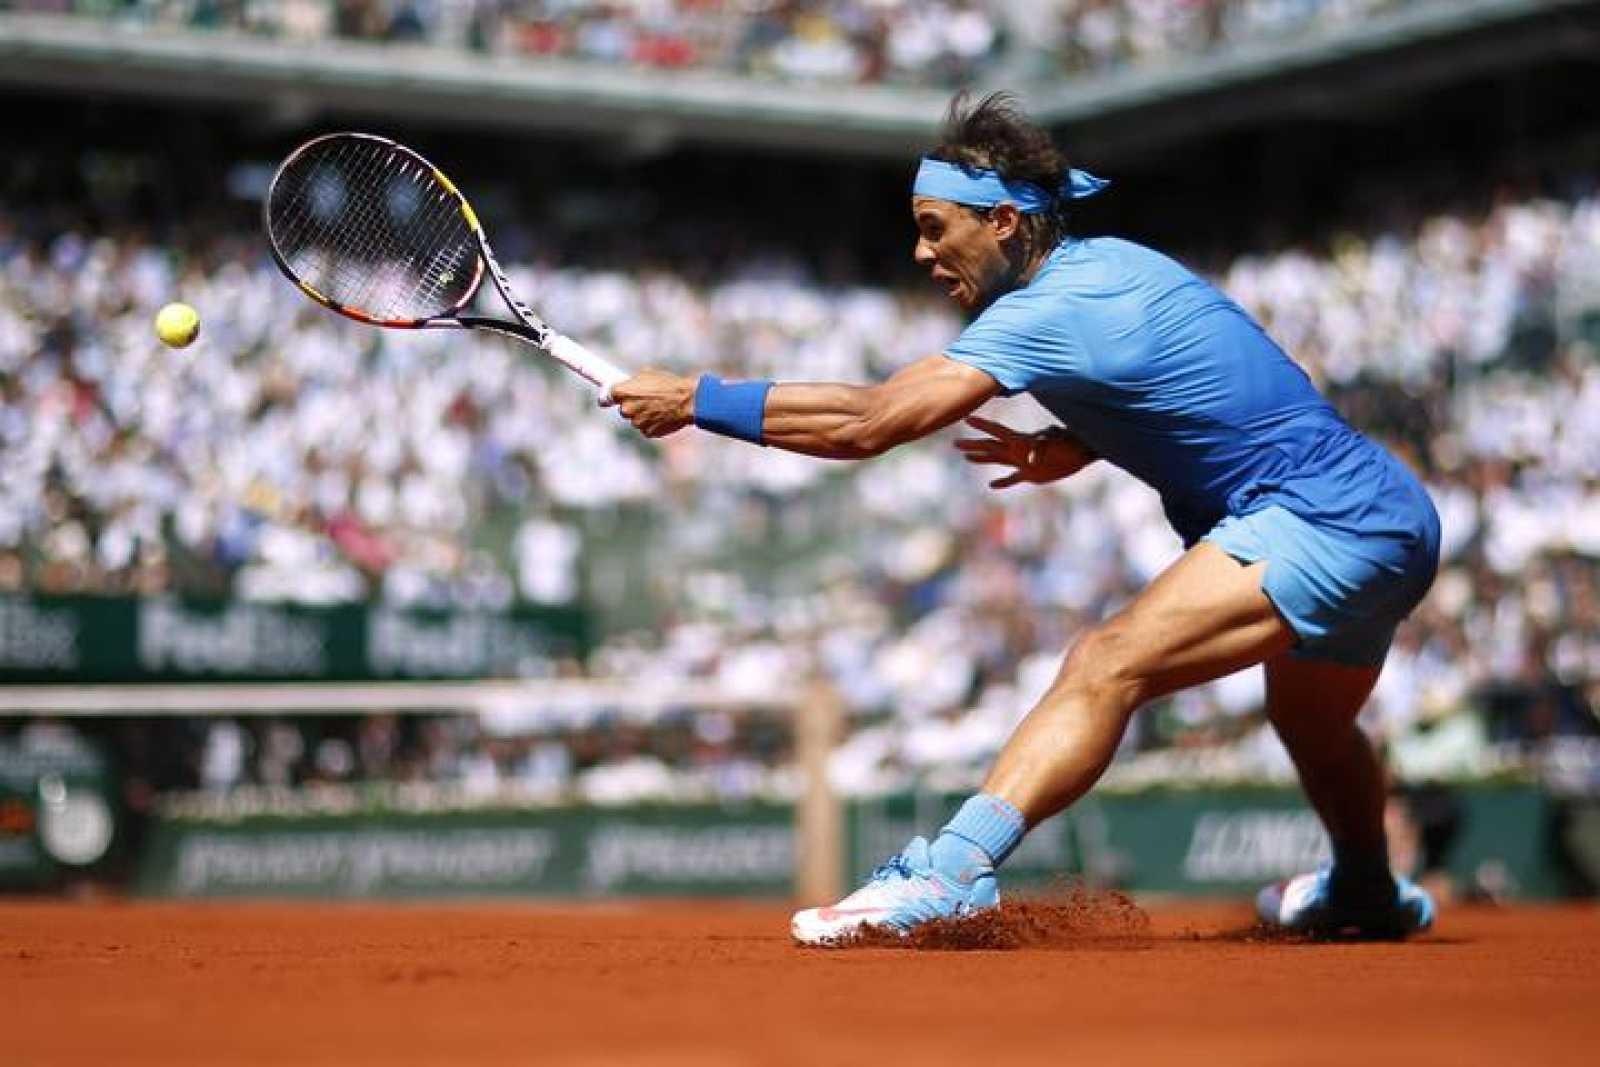 Imagen de Rafael Nadal durante el partido contra Novak Djokovic en Roland Garros.